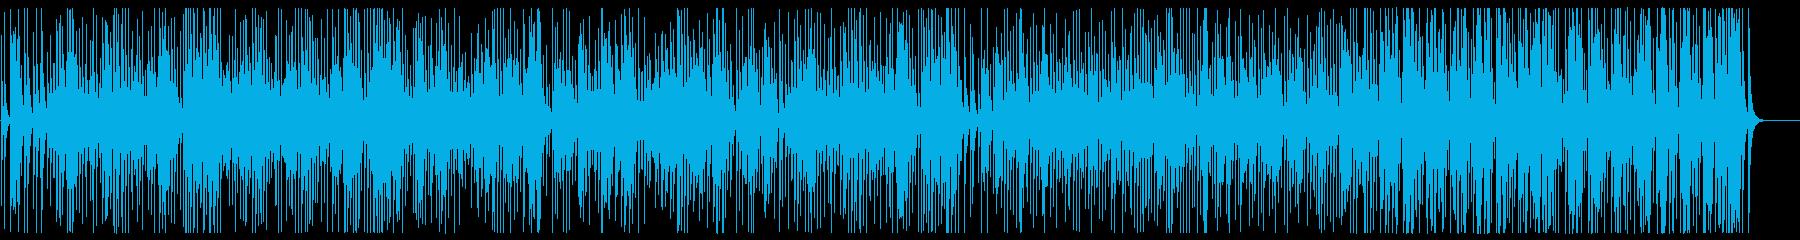 おしゃれかわいいオルゴール風明るくレトロの再生済みの波形